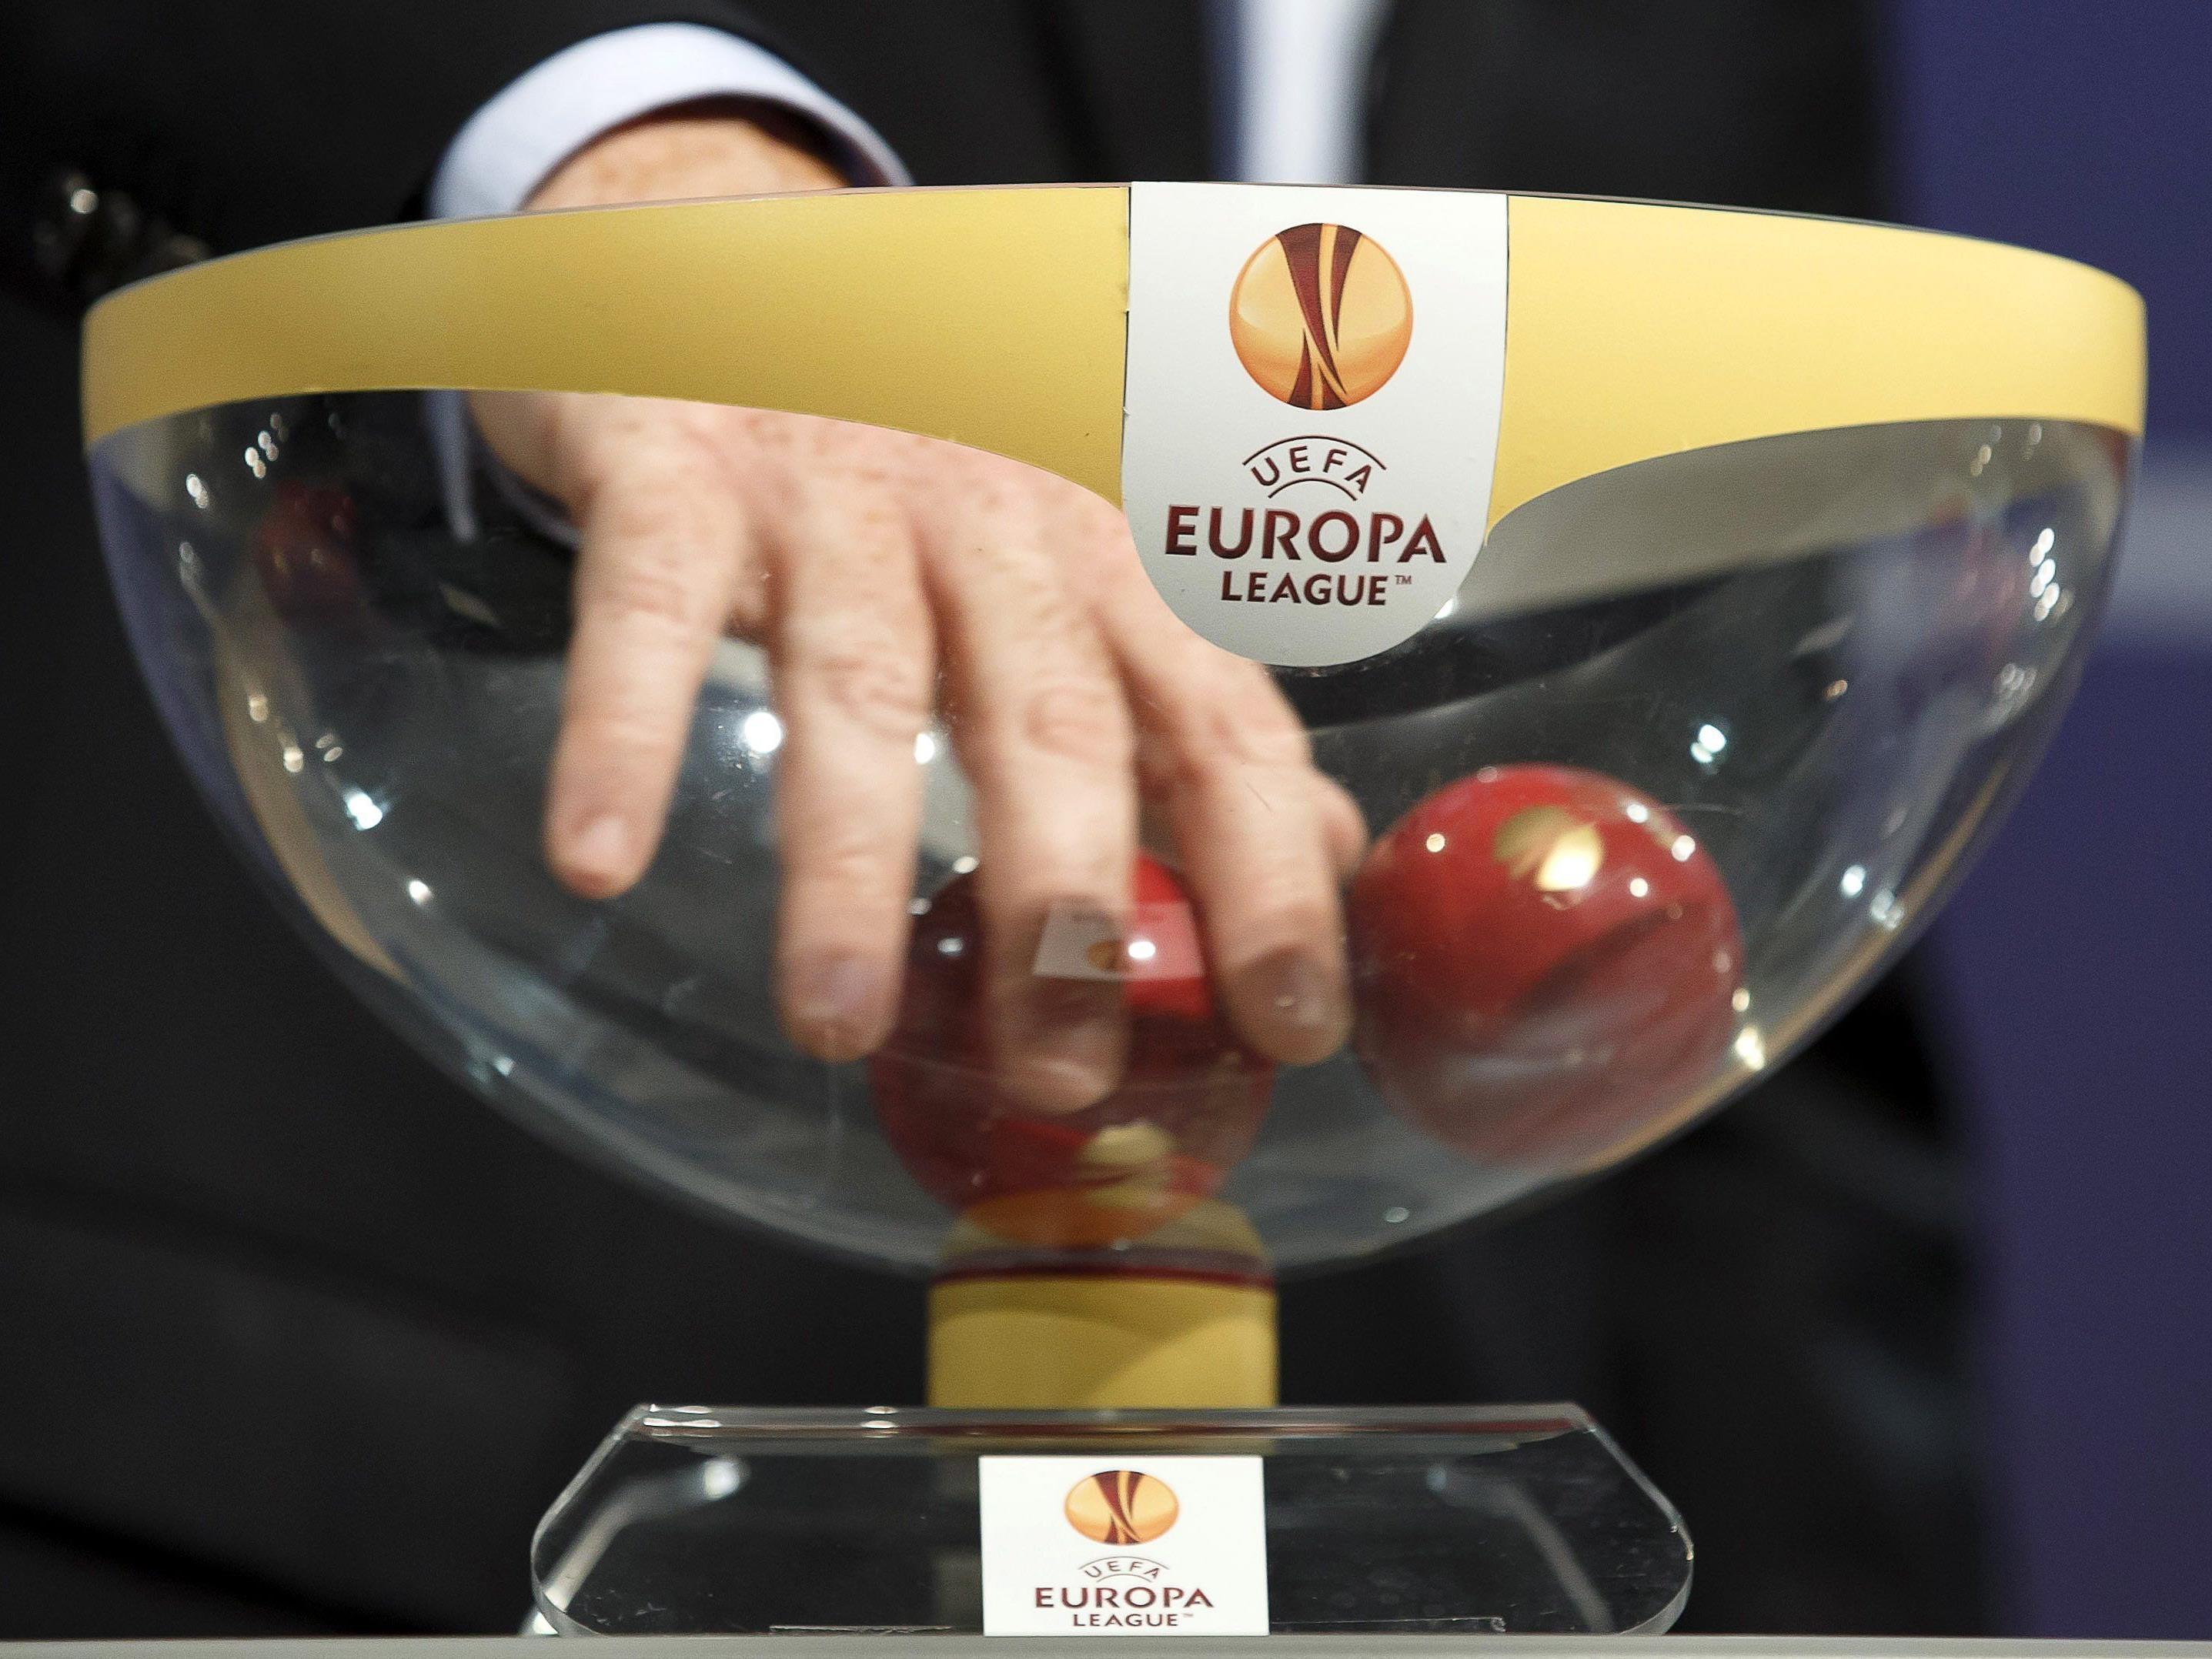 Die Auslosung für das Sechzehntelfinale der UEFA Europa League fand in Nyon statt.